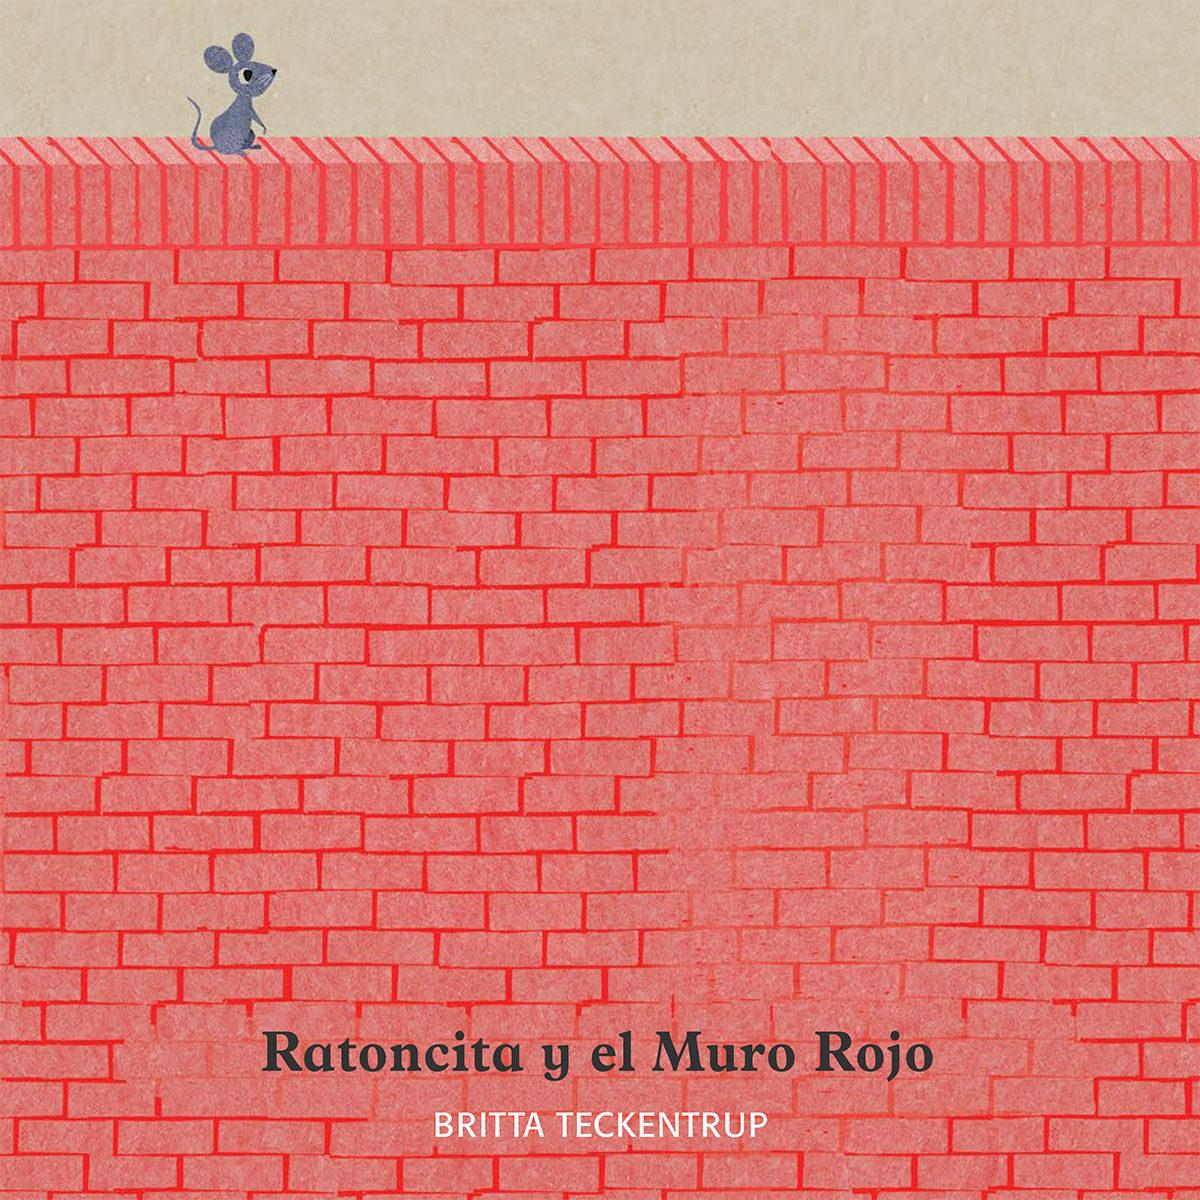 Ratoncita Y El Muro Rojo - Teckentrup Britta